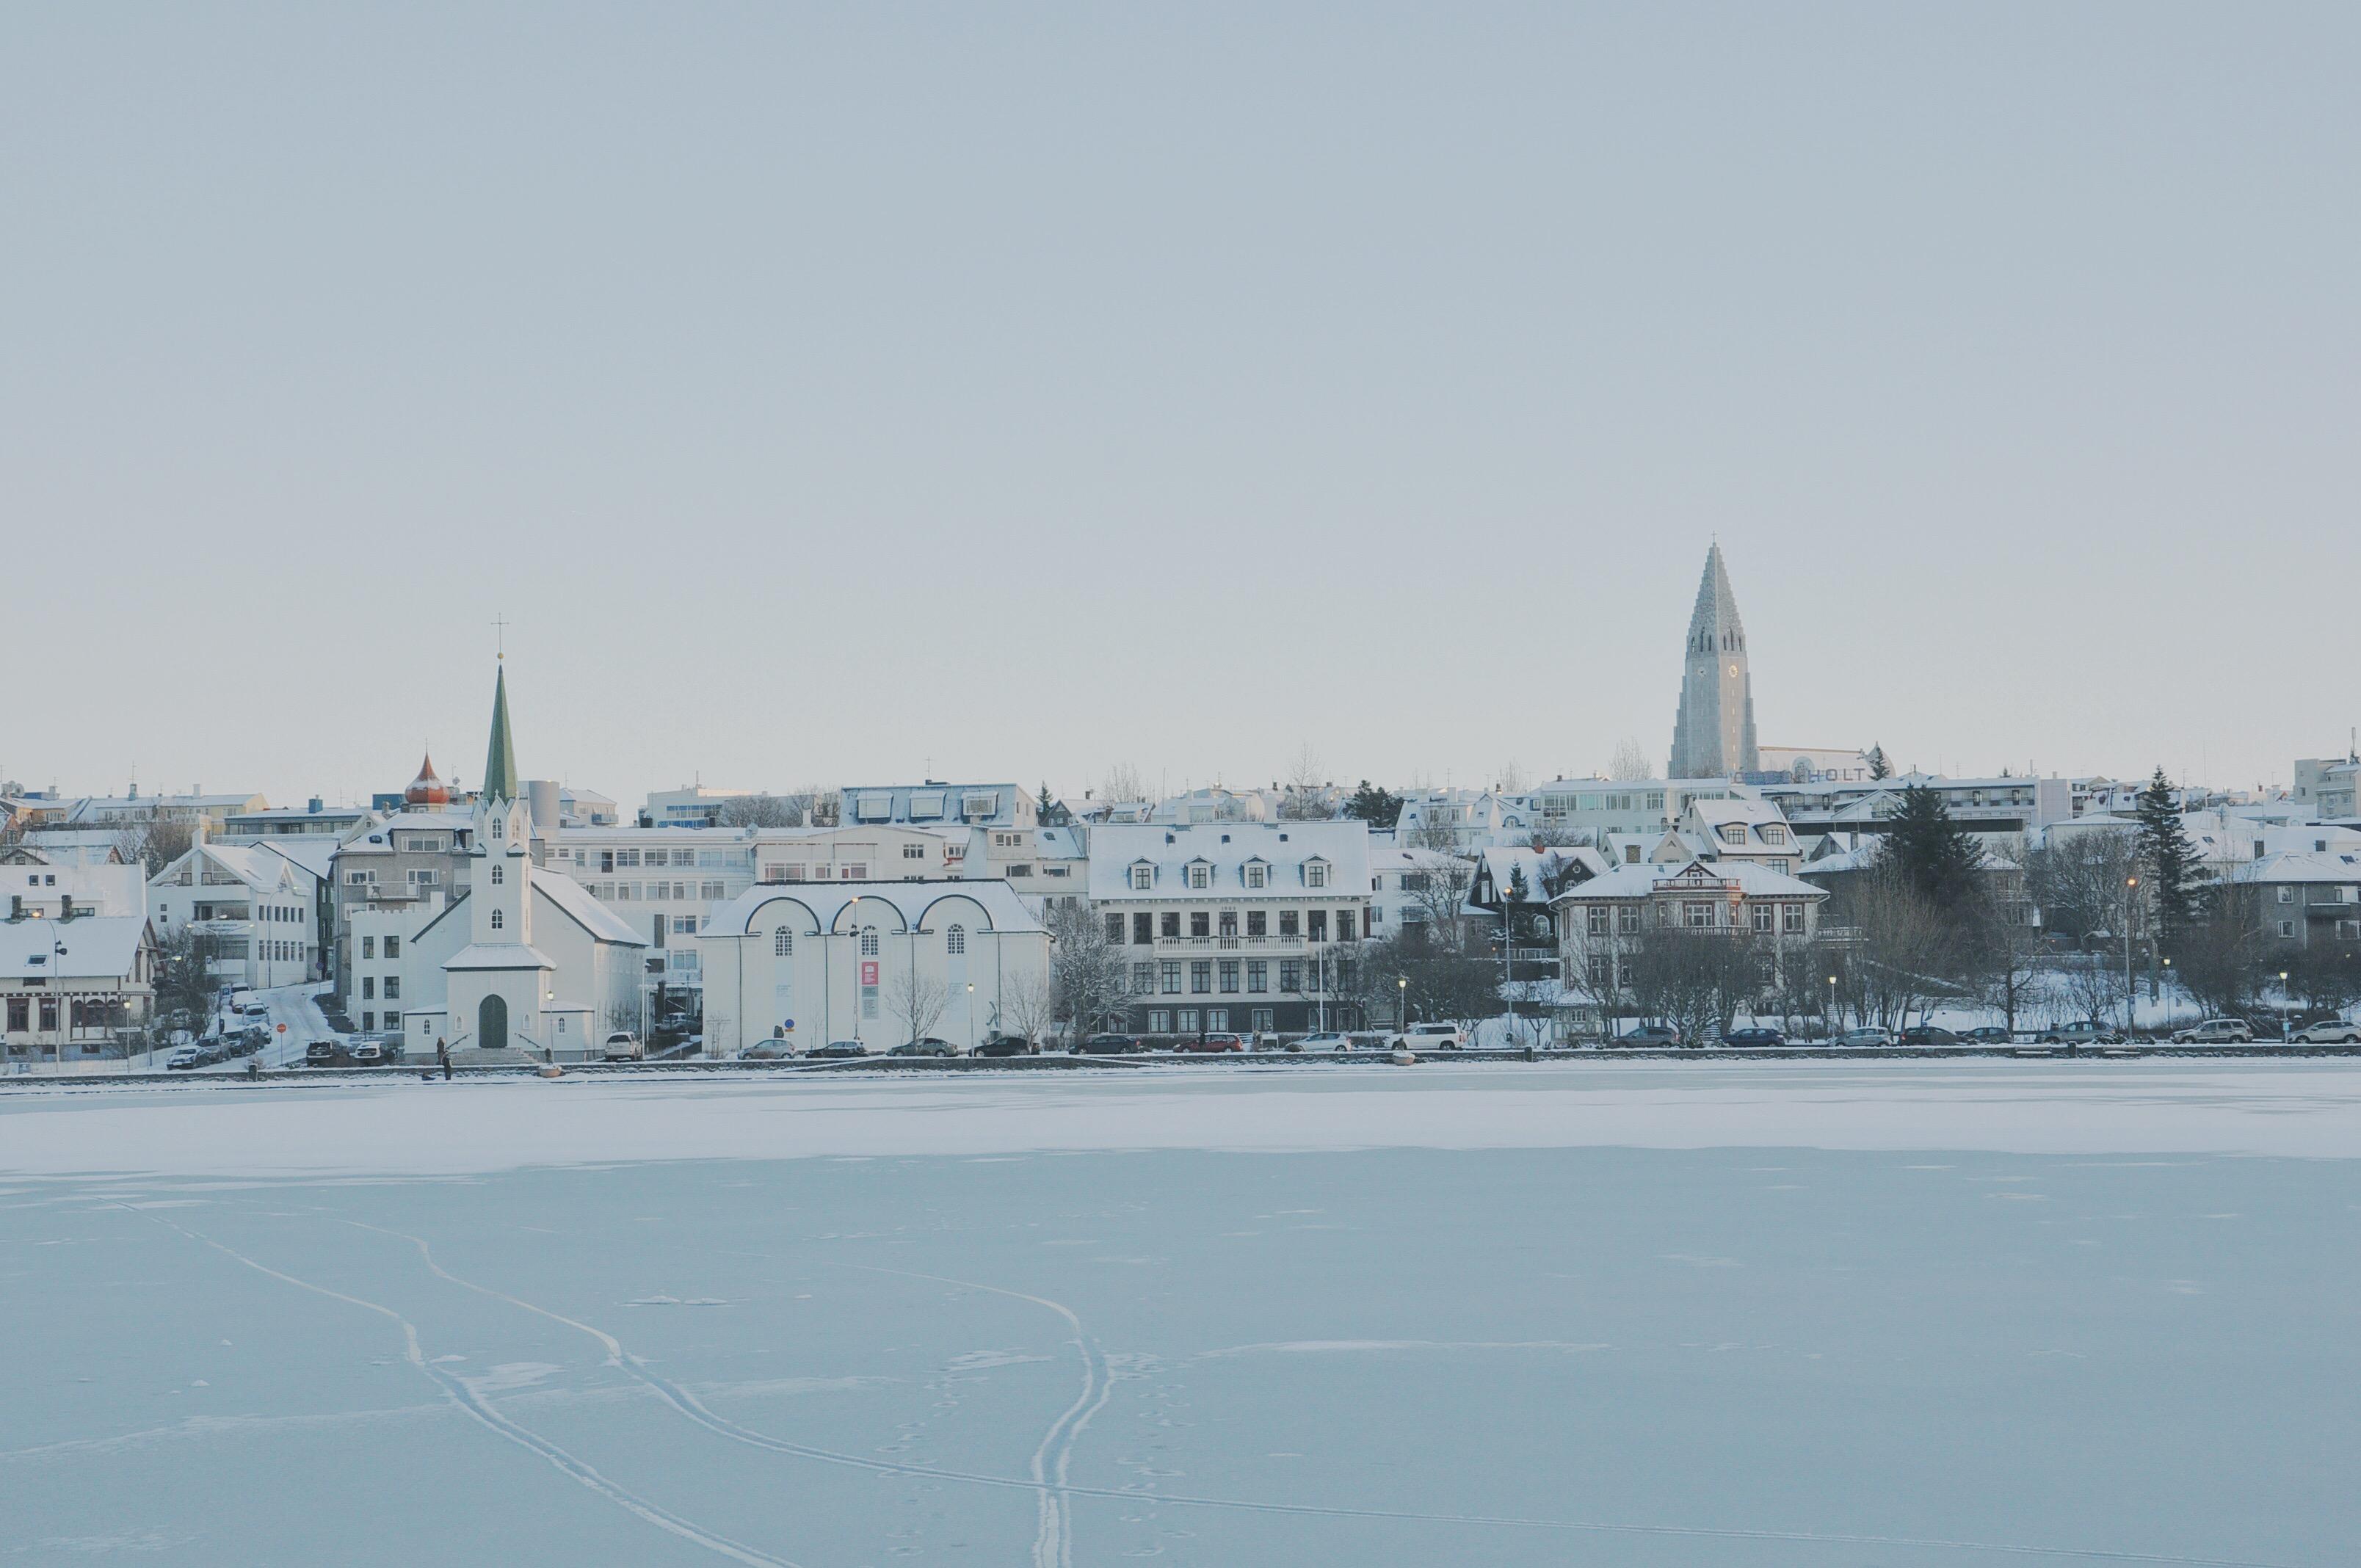 11-дневный зимний пакетный тур | Кольцевая дорога и полуостров Снайфелльснес - day 11